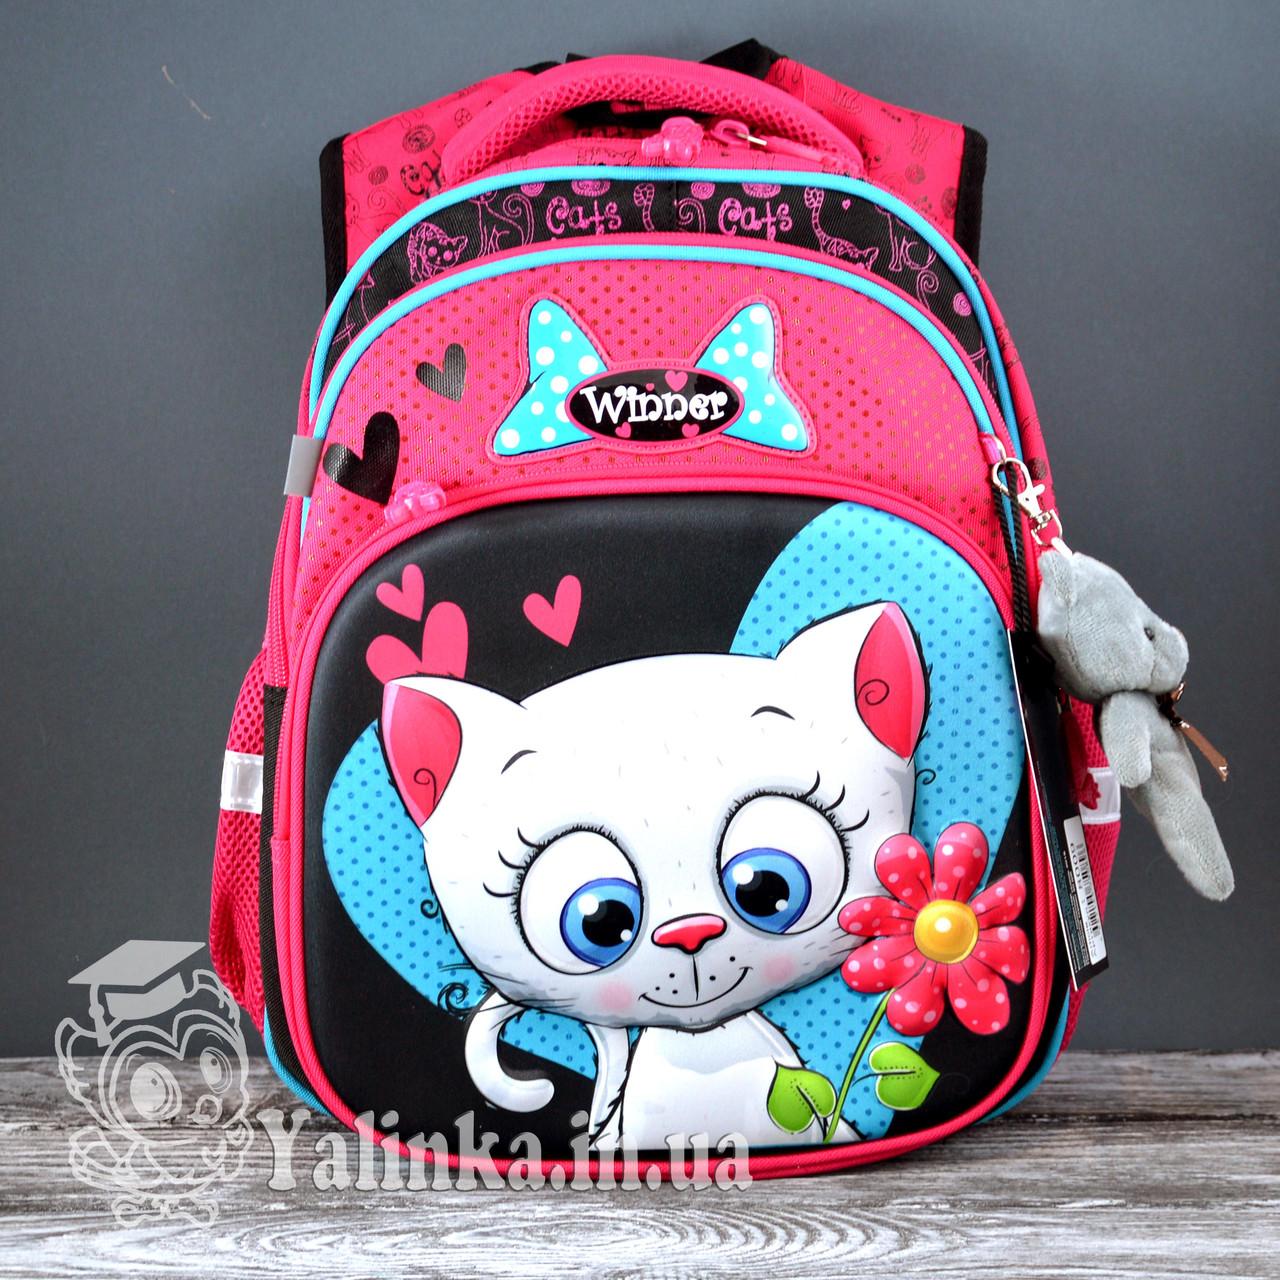 377a823fbe09 Школьный рюкзак для девочек Winner 8009, цена 756 грн., купить в ...